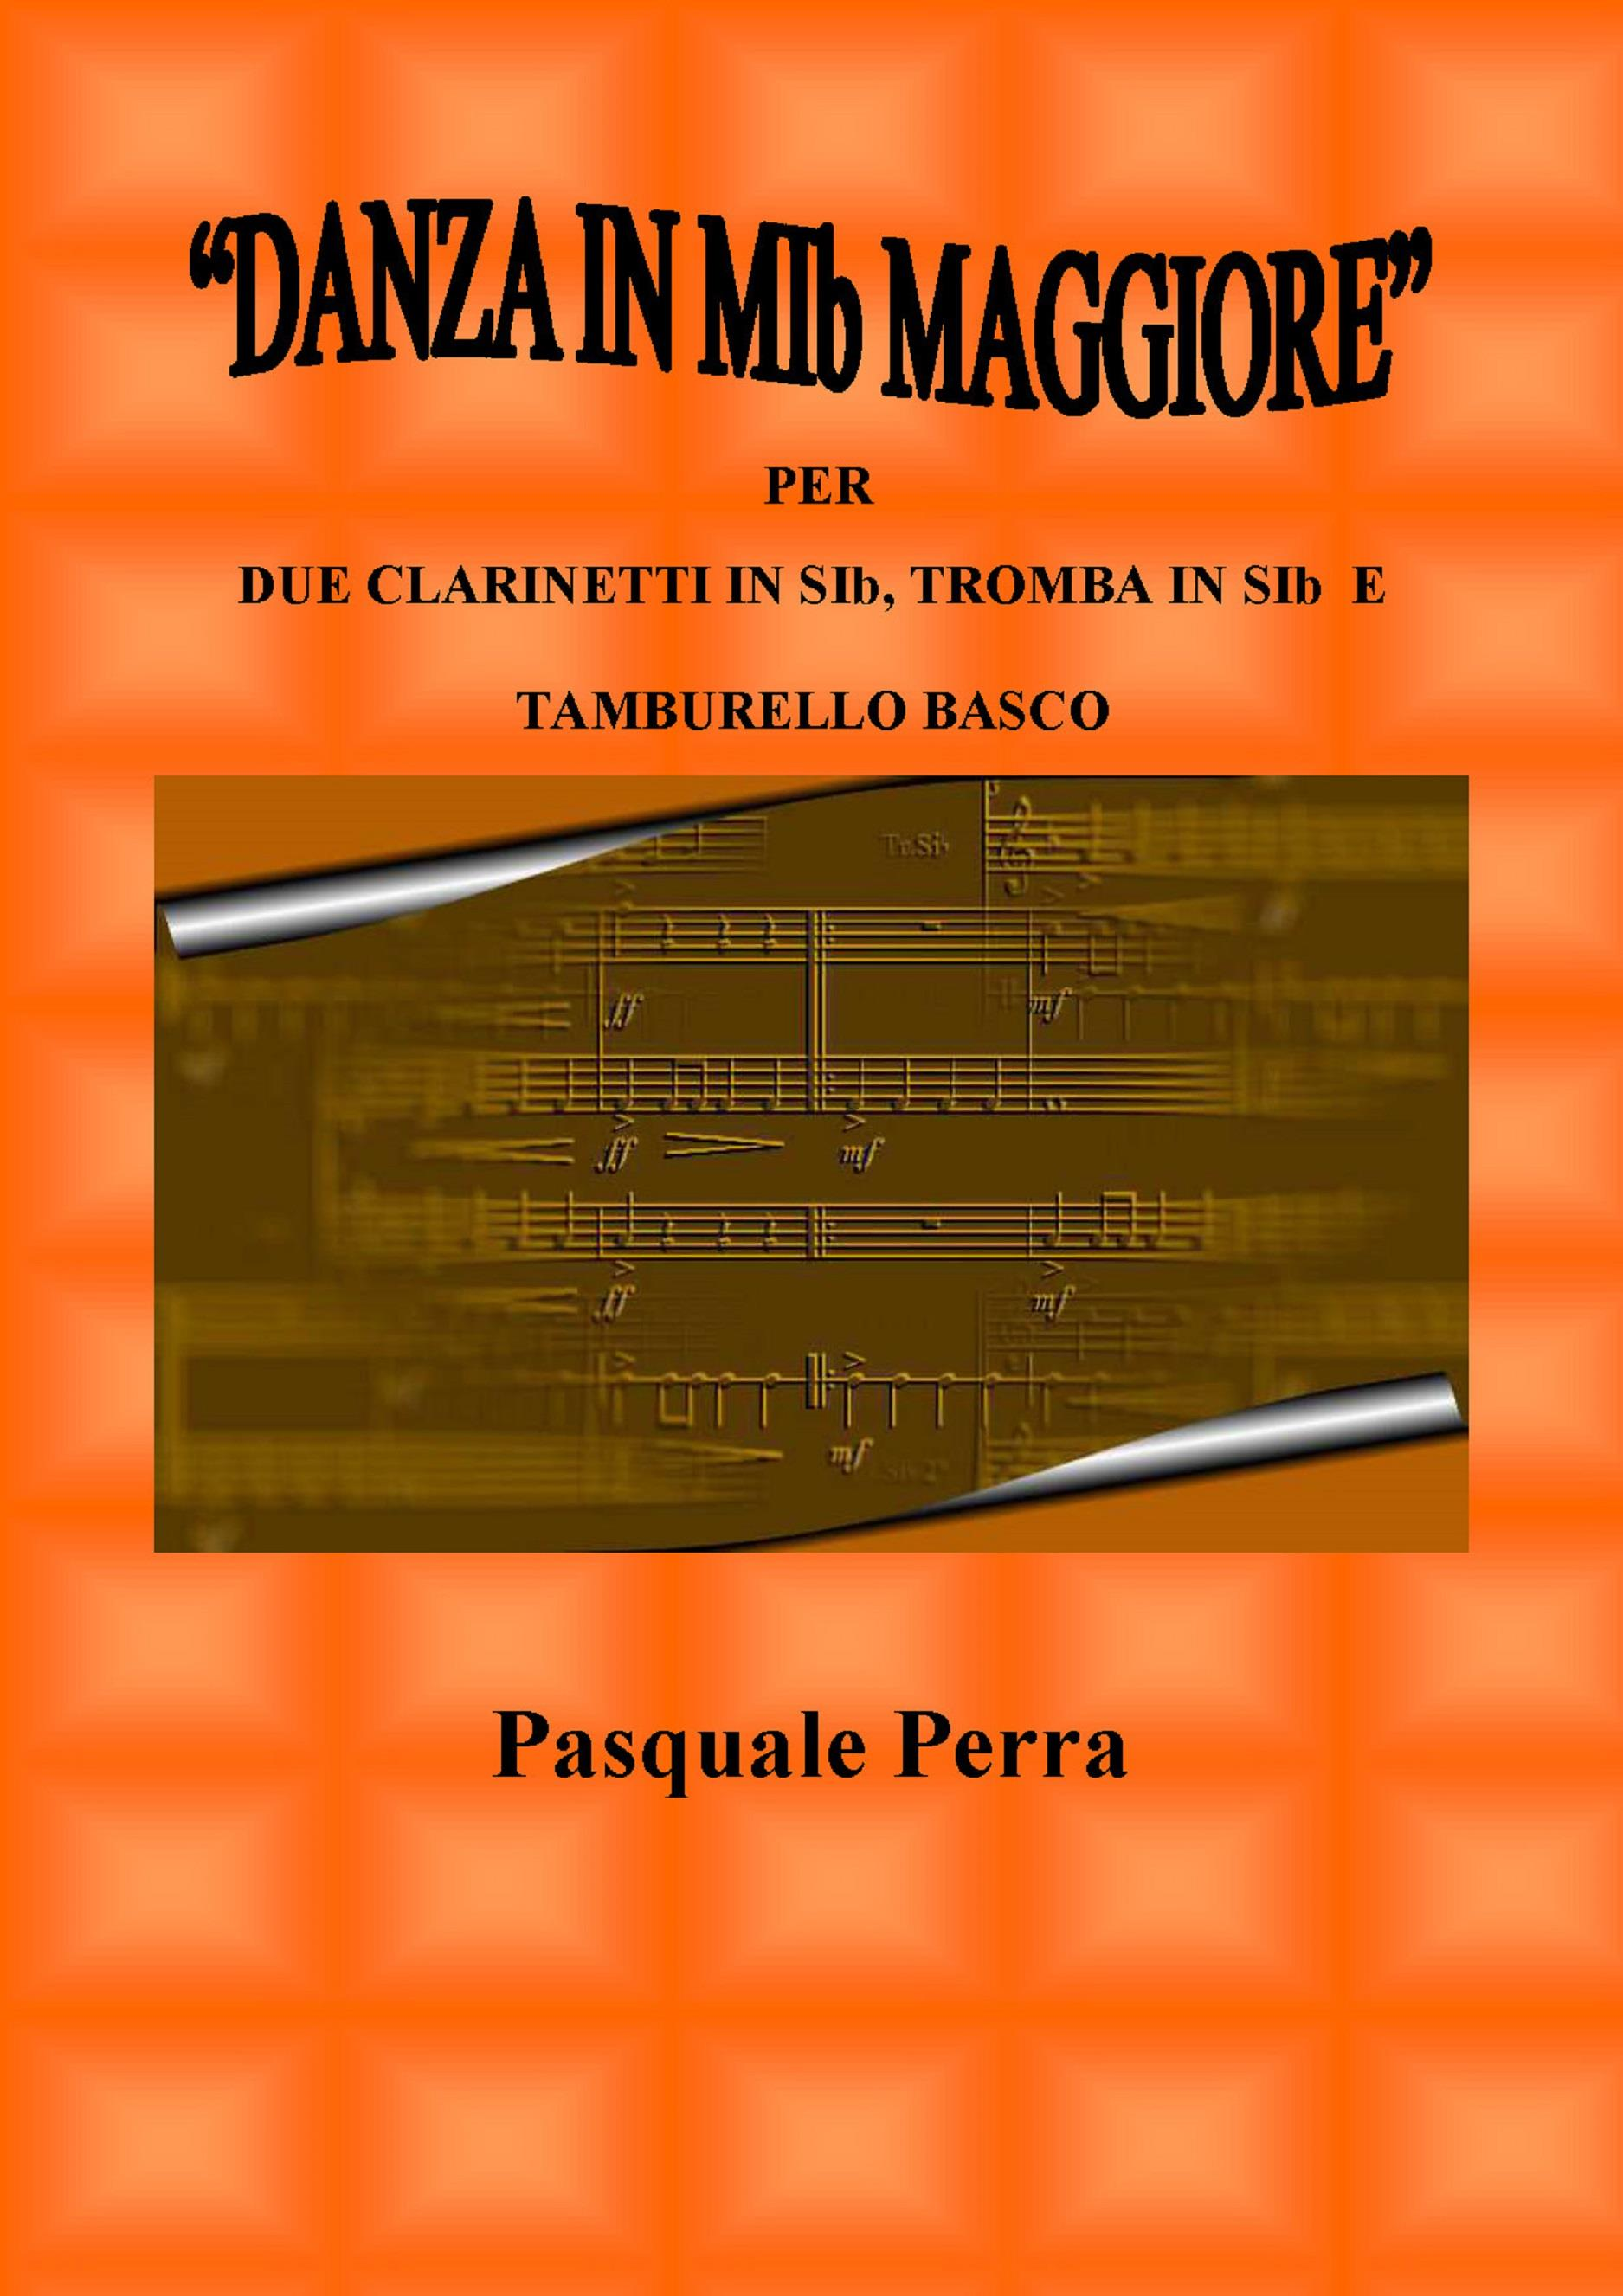 """""""Danza in MIb maggiore"""". Versione per due clarinetti in SIb, tromba in SIb e tamburello basco (con partitura e parti per i vari strumenti)"""